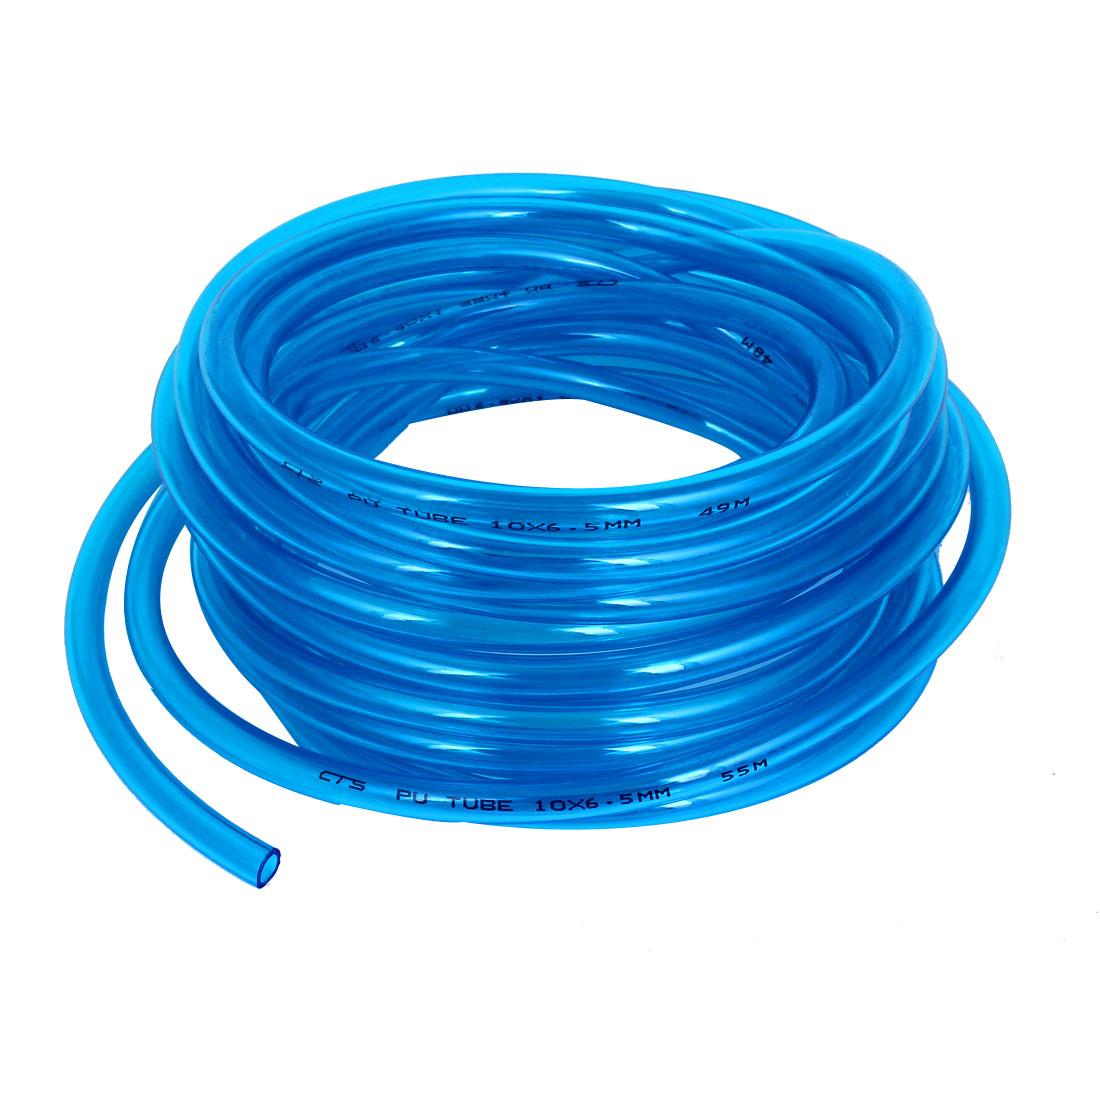 PU Polyurethane Air Tubing Pneumatic Pipe Tube Hose Clear Blue 10x6.5mm 10M